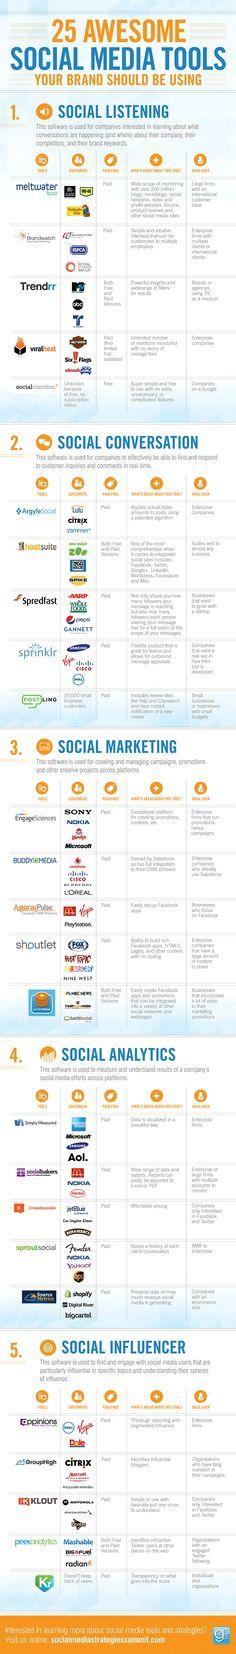 Отличная #инфографика. 25 инструментальный ресурса для компаний, использующих социальное медиа. (Из ежедневной новостной ленты страницы ProfySpace-социальный бизнес:ИноМедиа https://www.facebook.com/ProfySpace)